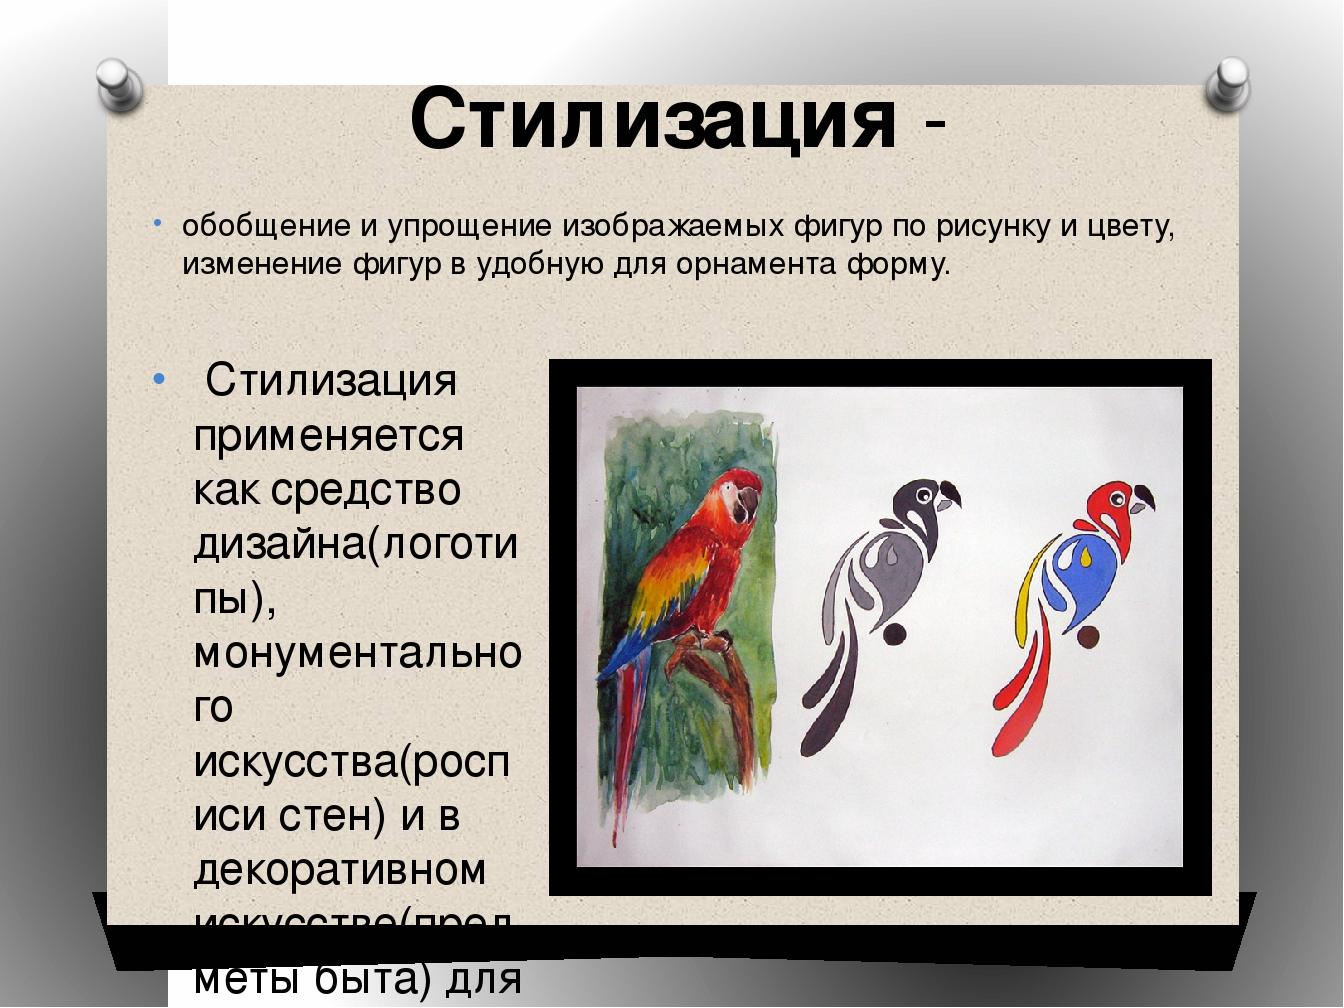 Стилизация - Стилизация применяется как средство дизайна(логотипы), монумента...